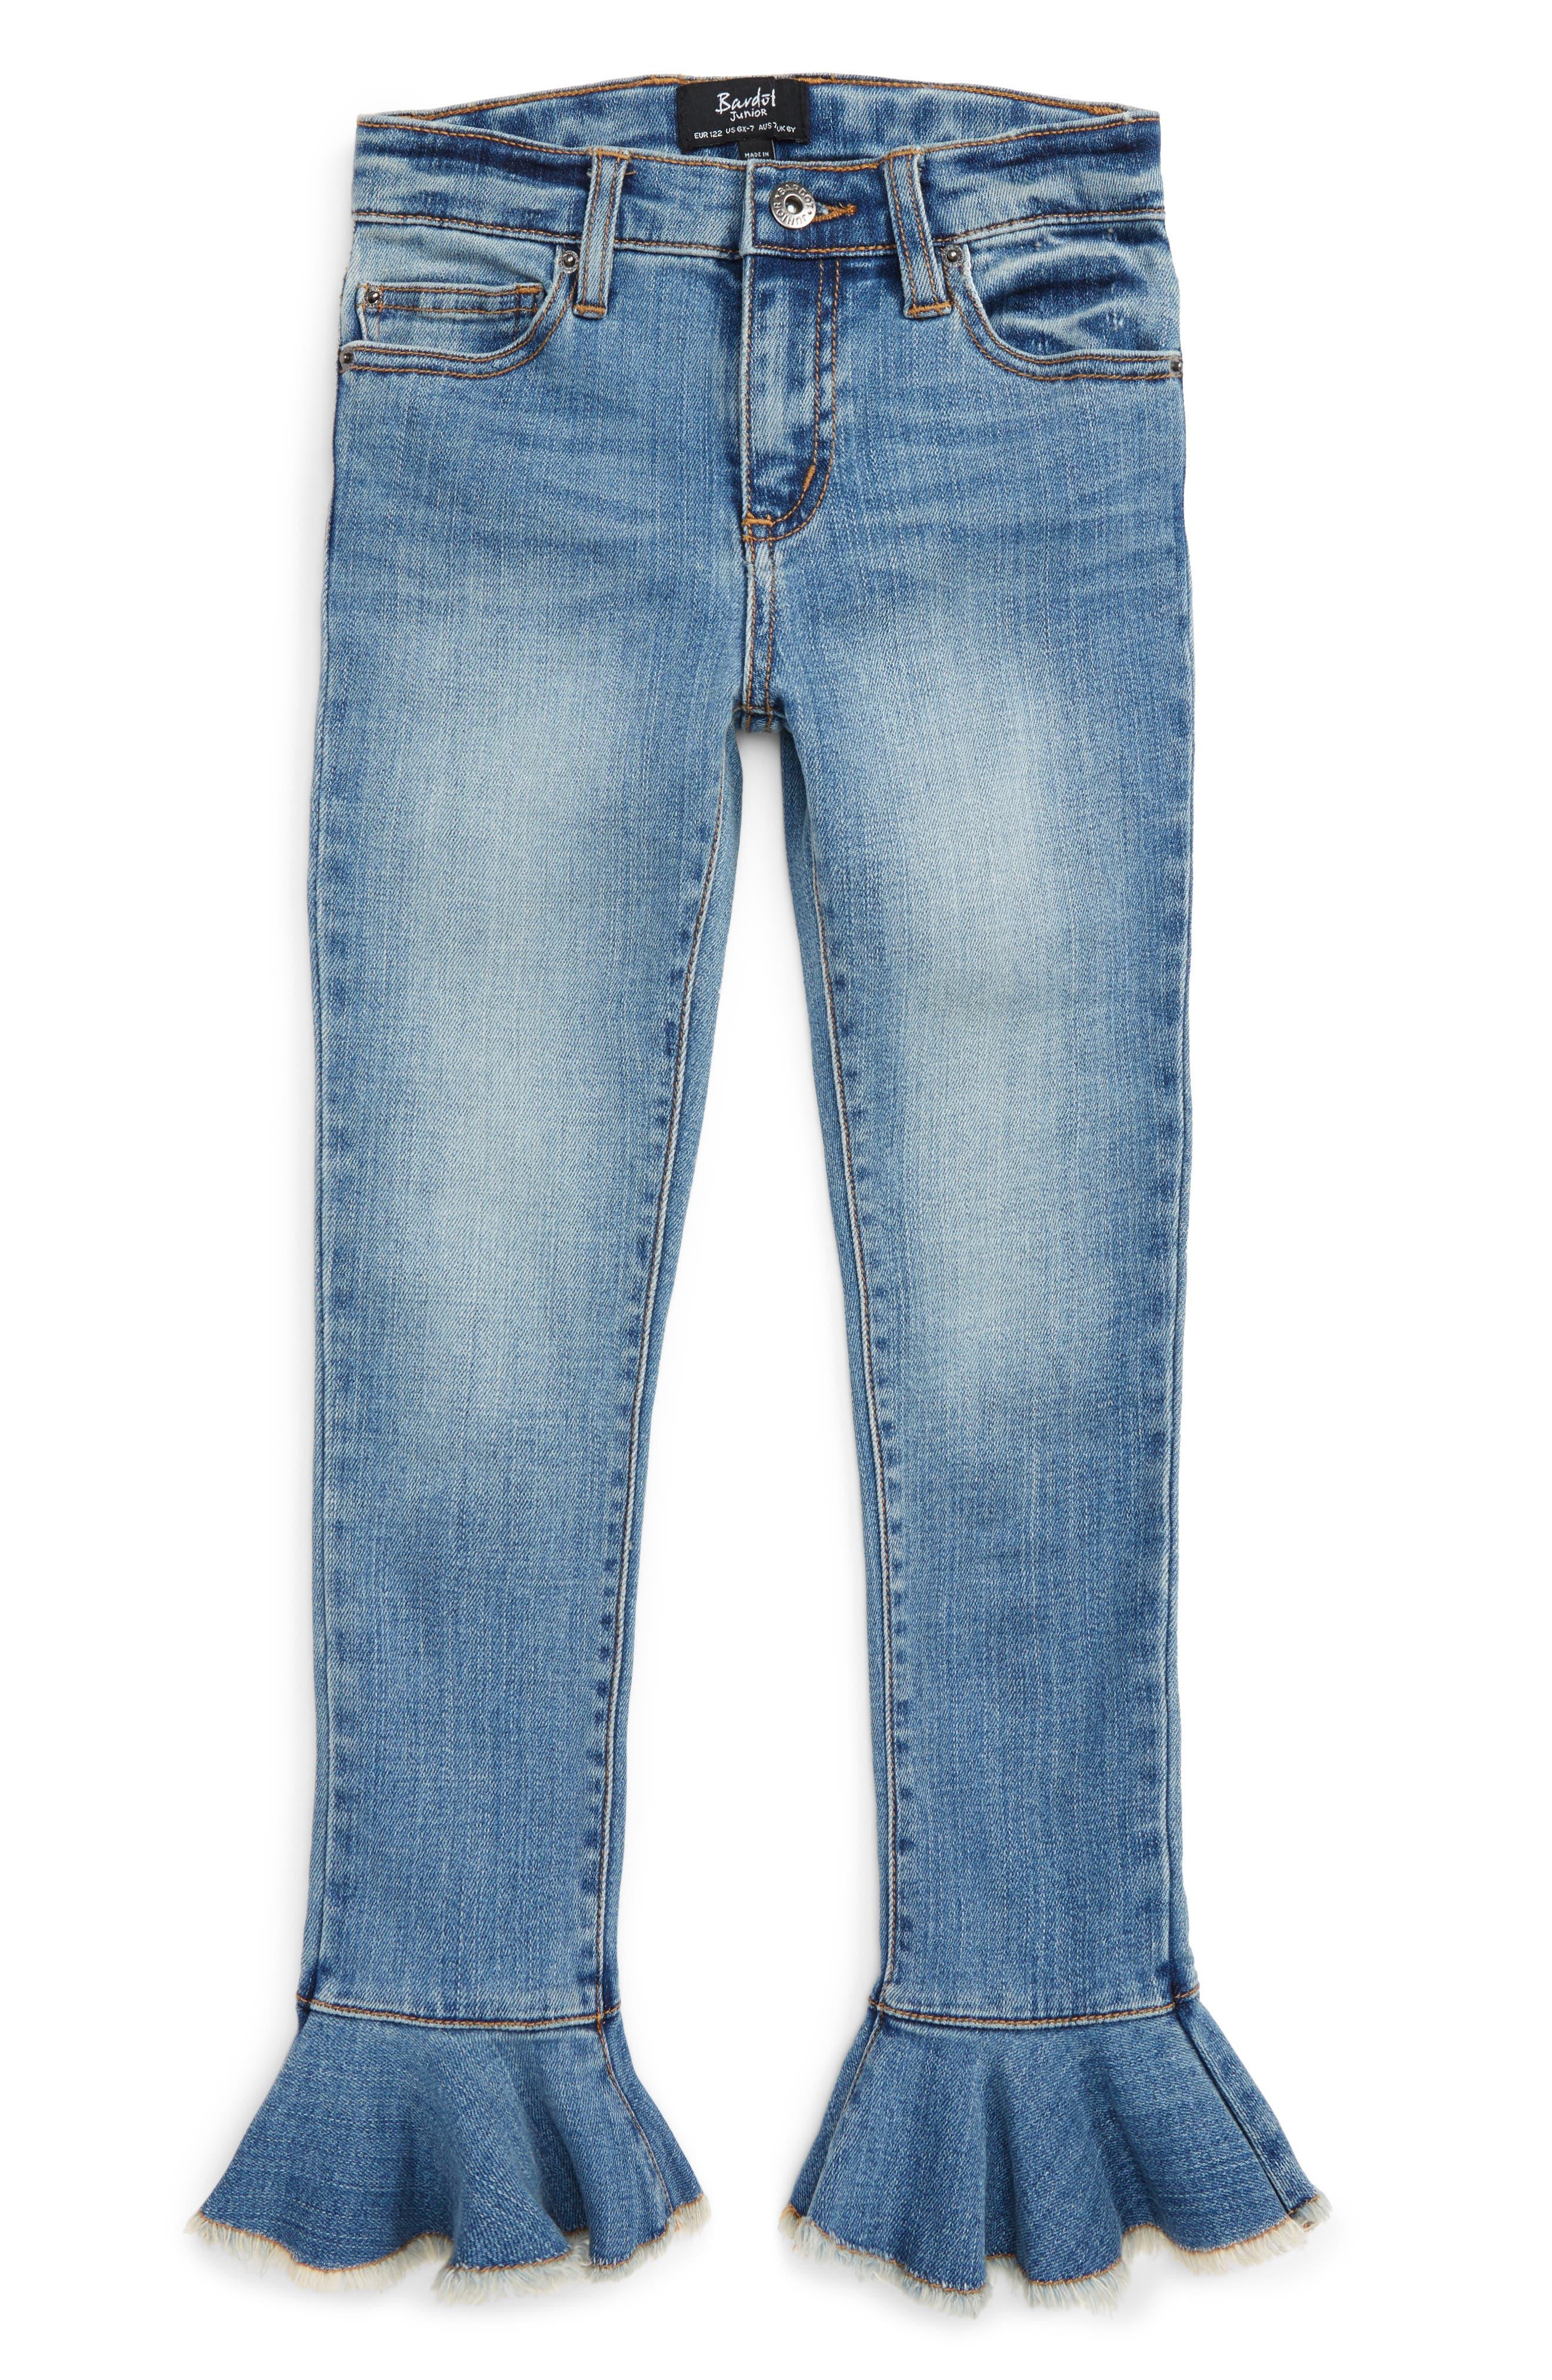 Bardot Junior Tulsa Ruffle Hem Skinny Jeans (Big Girls)